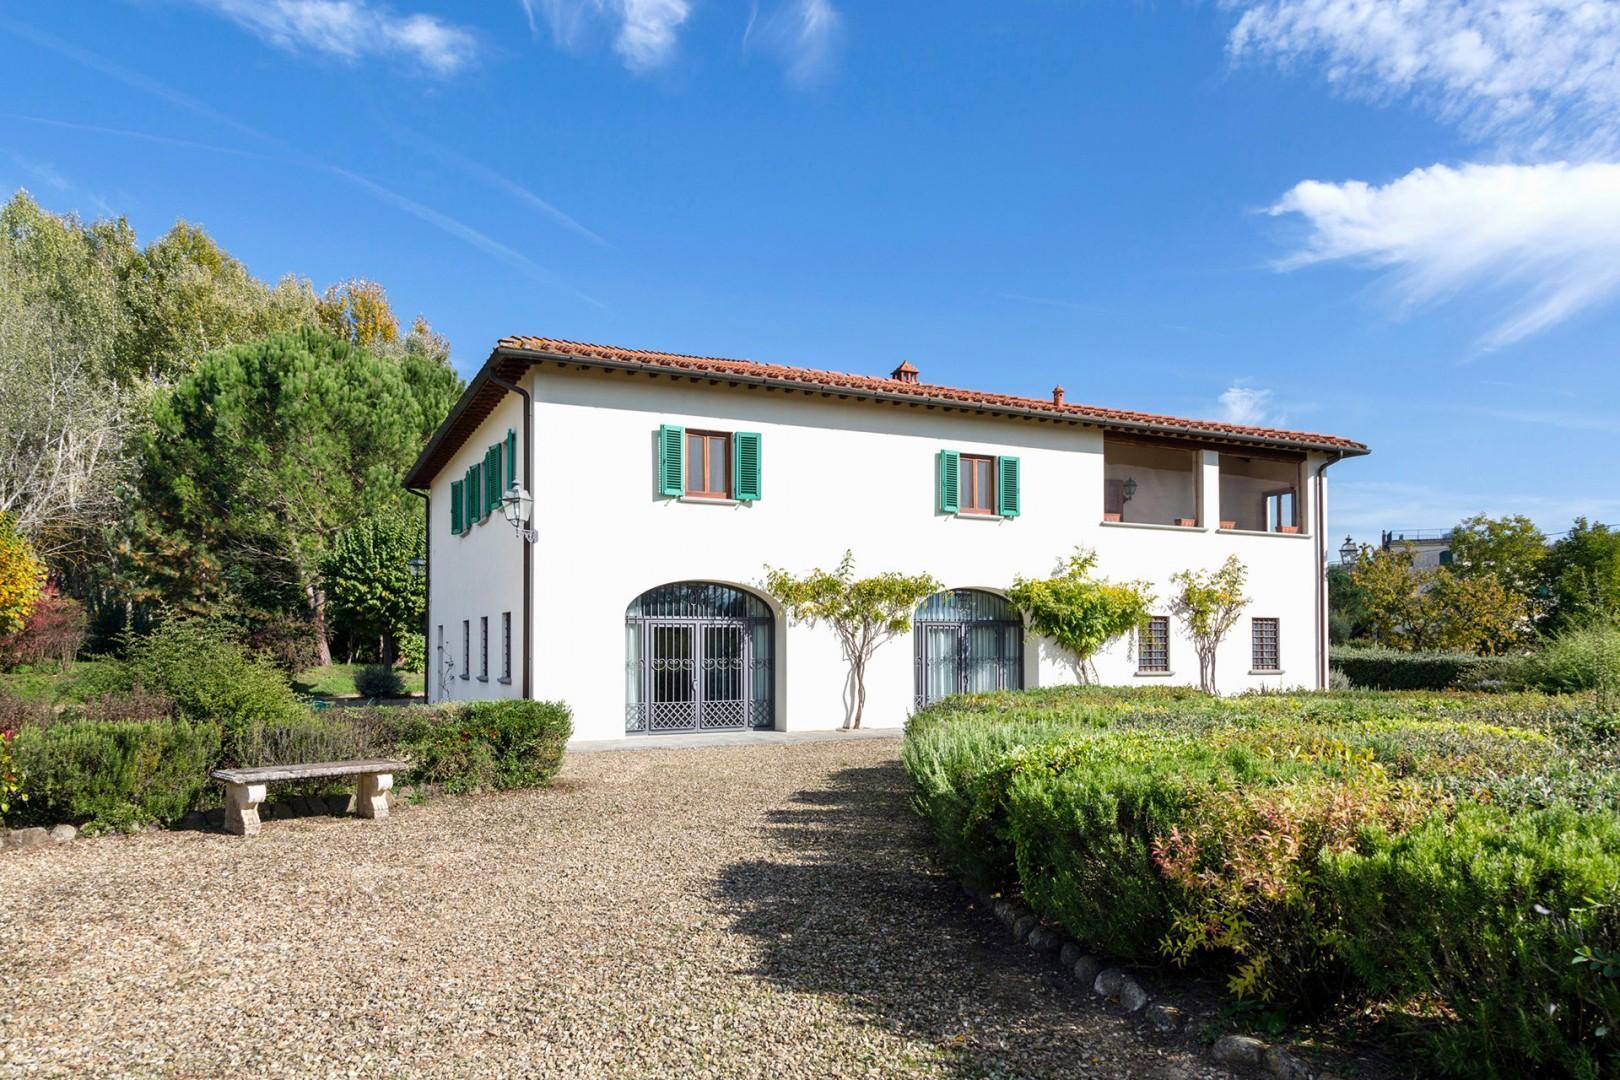 Villa Mestolone is a classic Tuscan country home on the Vecchietto estate.